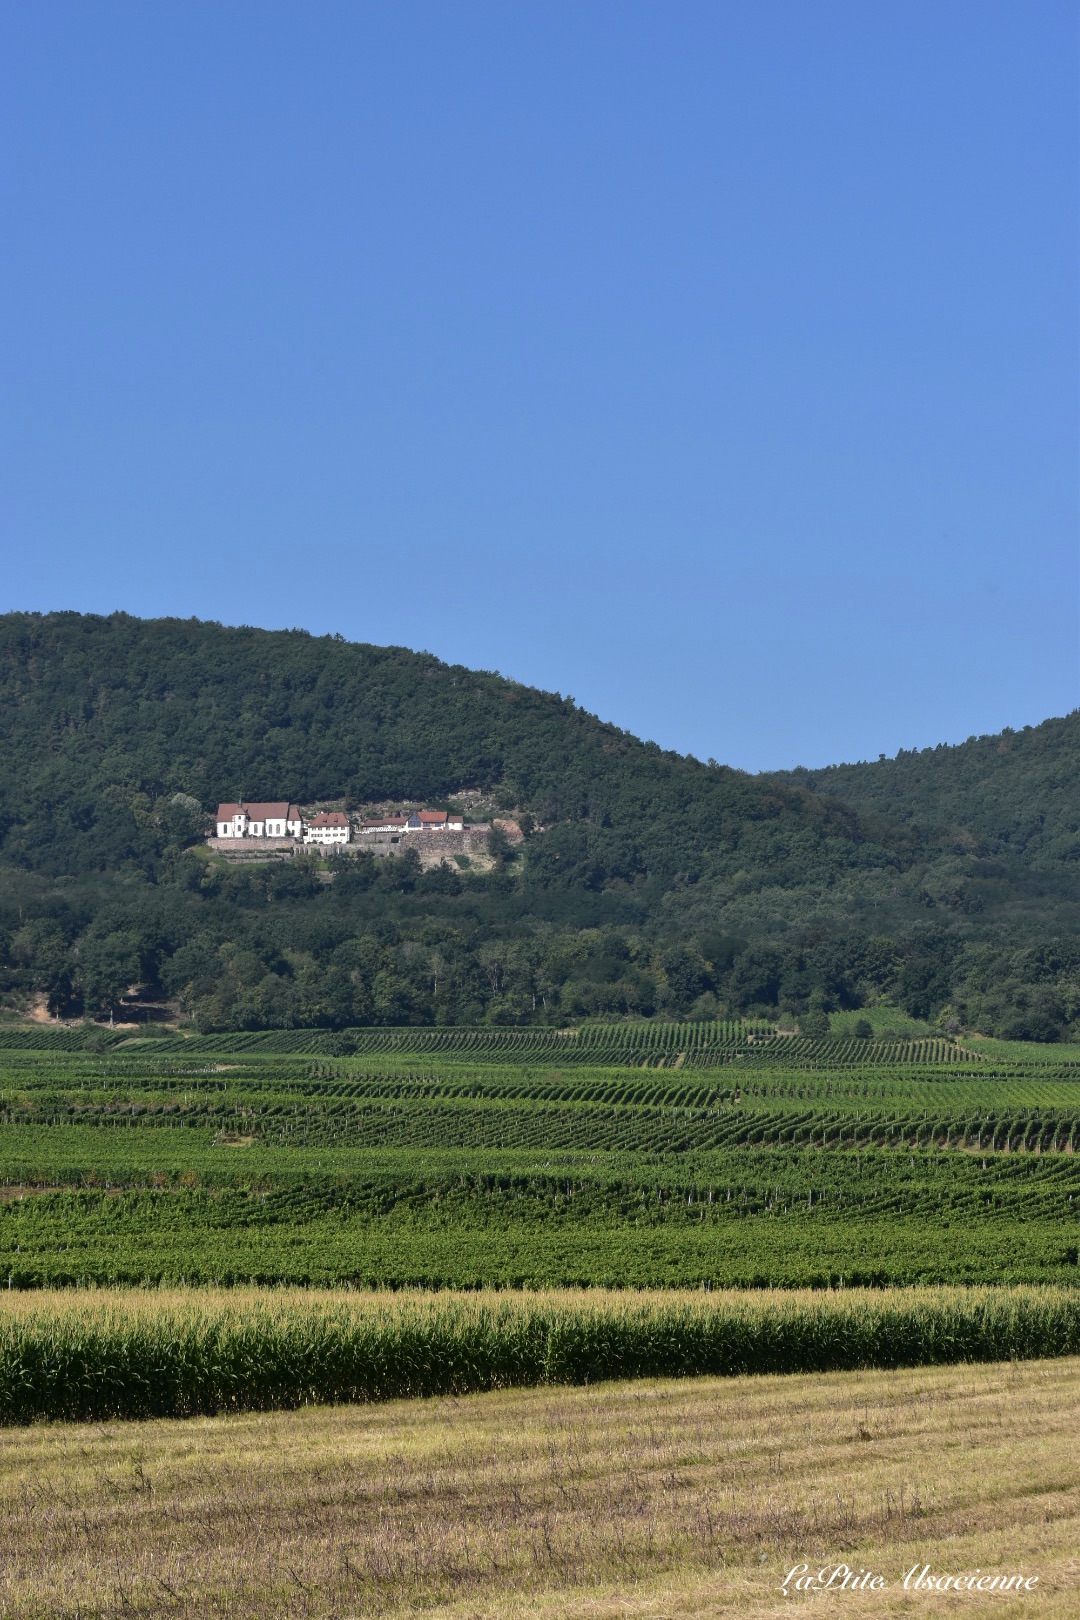 Entre champs, vignoble et montagne, le Schauenberg surplombe la plaine d'Alsace au dessus de Pfaffenheim - Cendrine Miesch dite LaPtiteAlsacienne